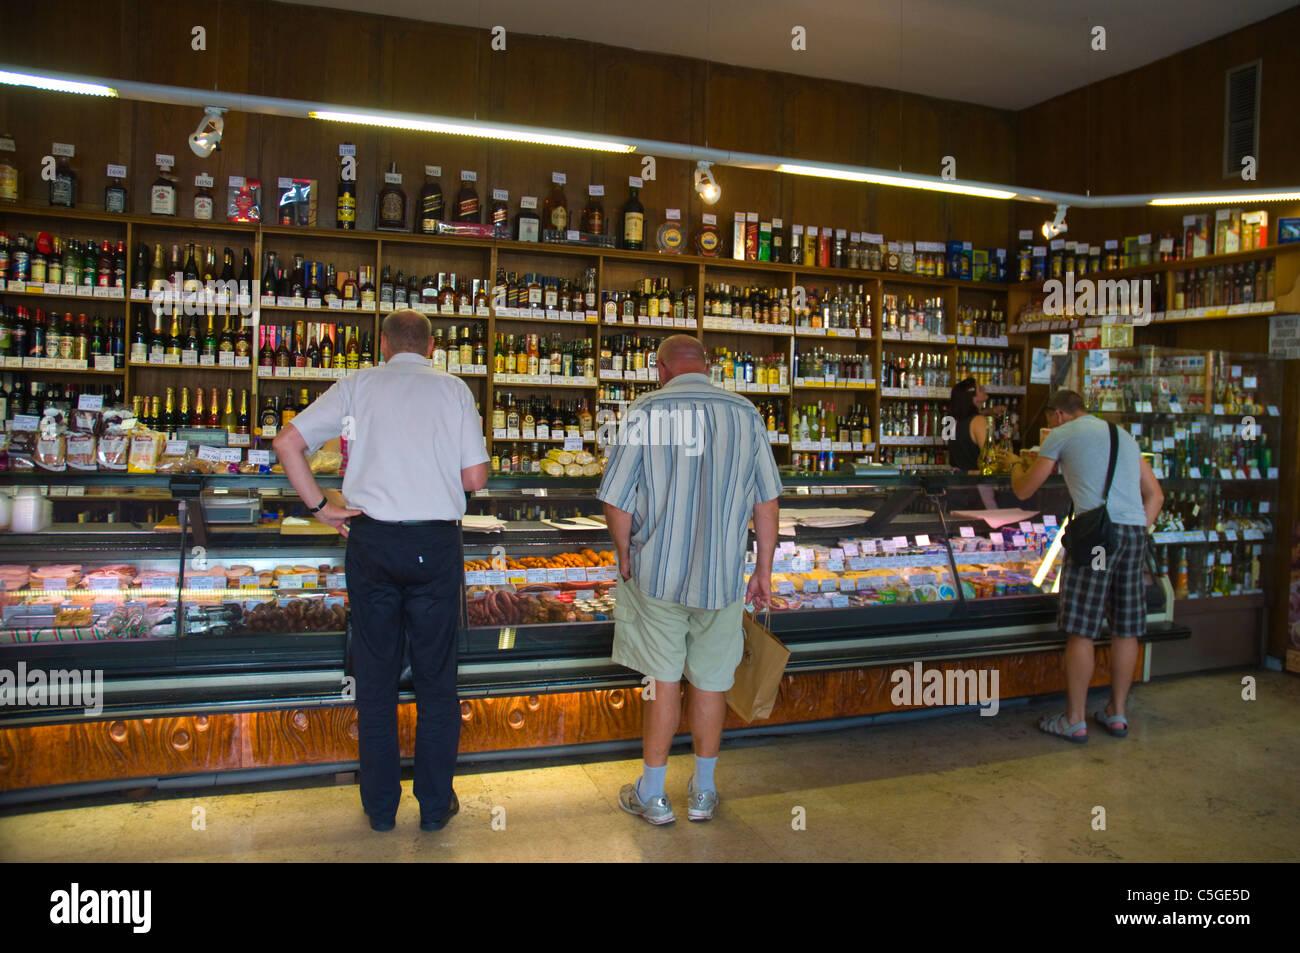 Typische hinter der Theke-Shop Verkauf Speisen und Getränke bei ...